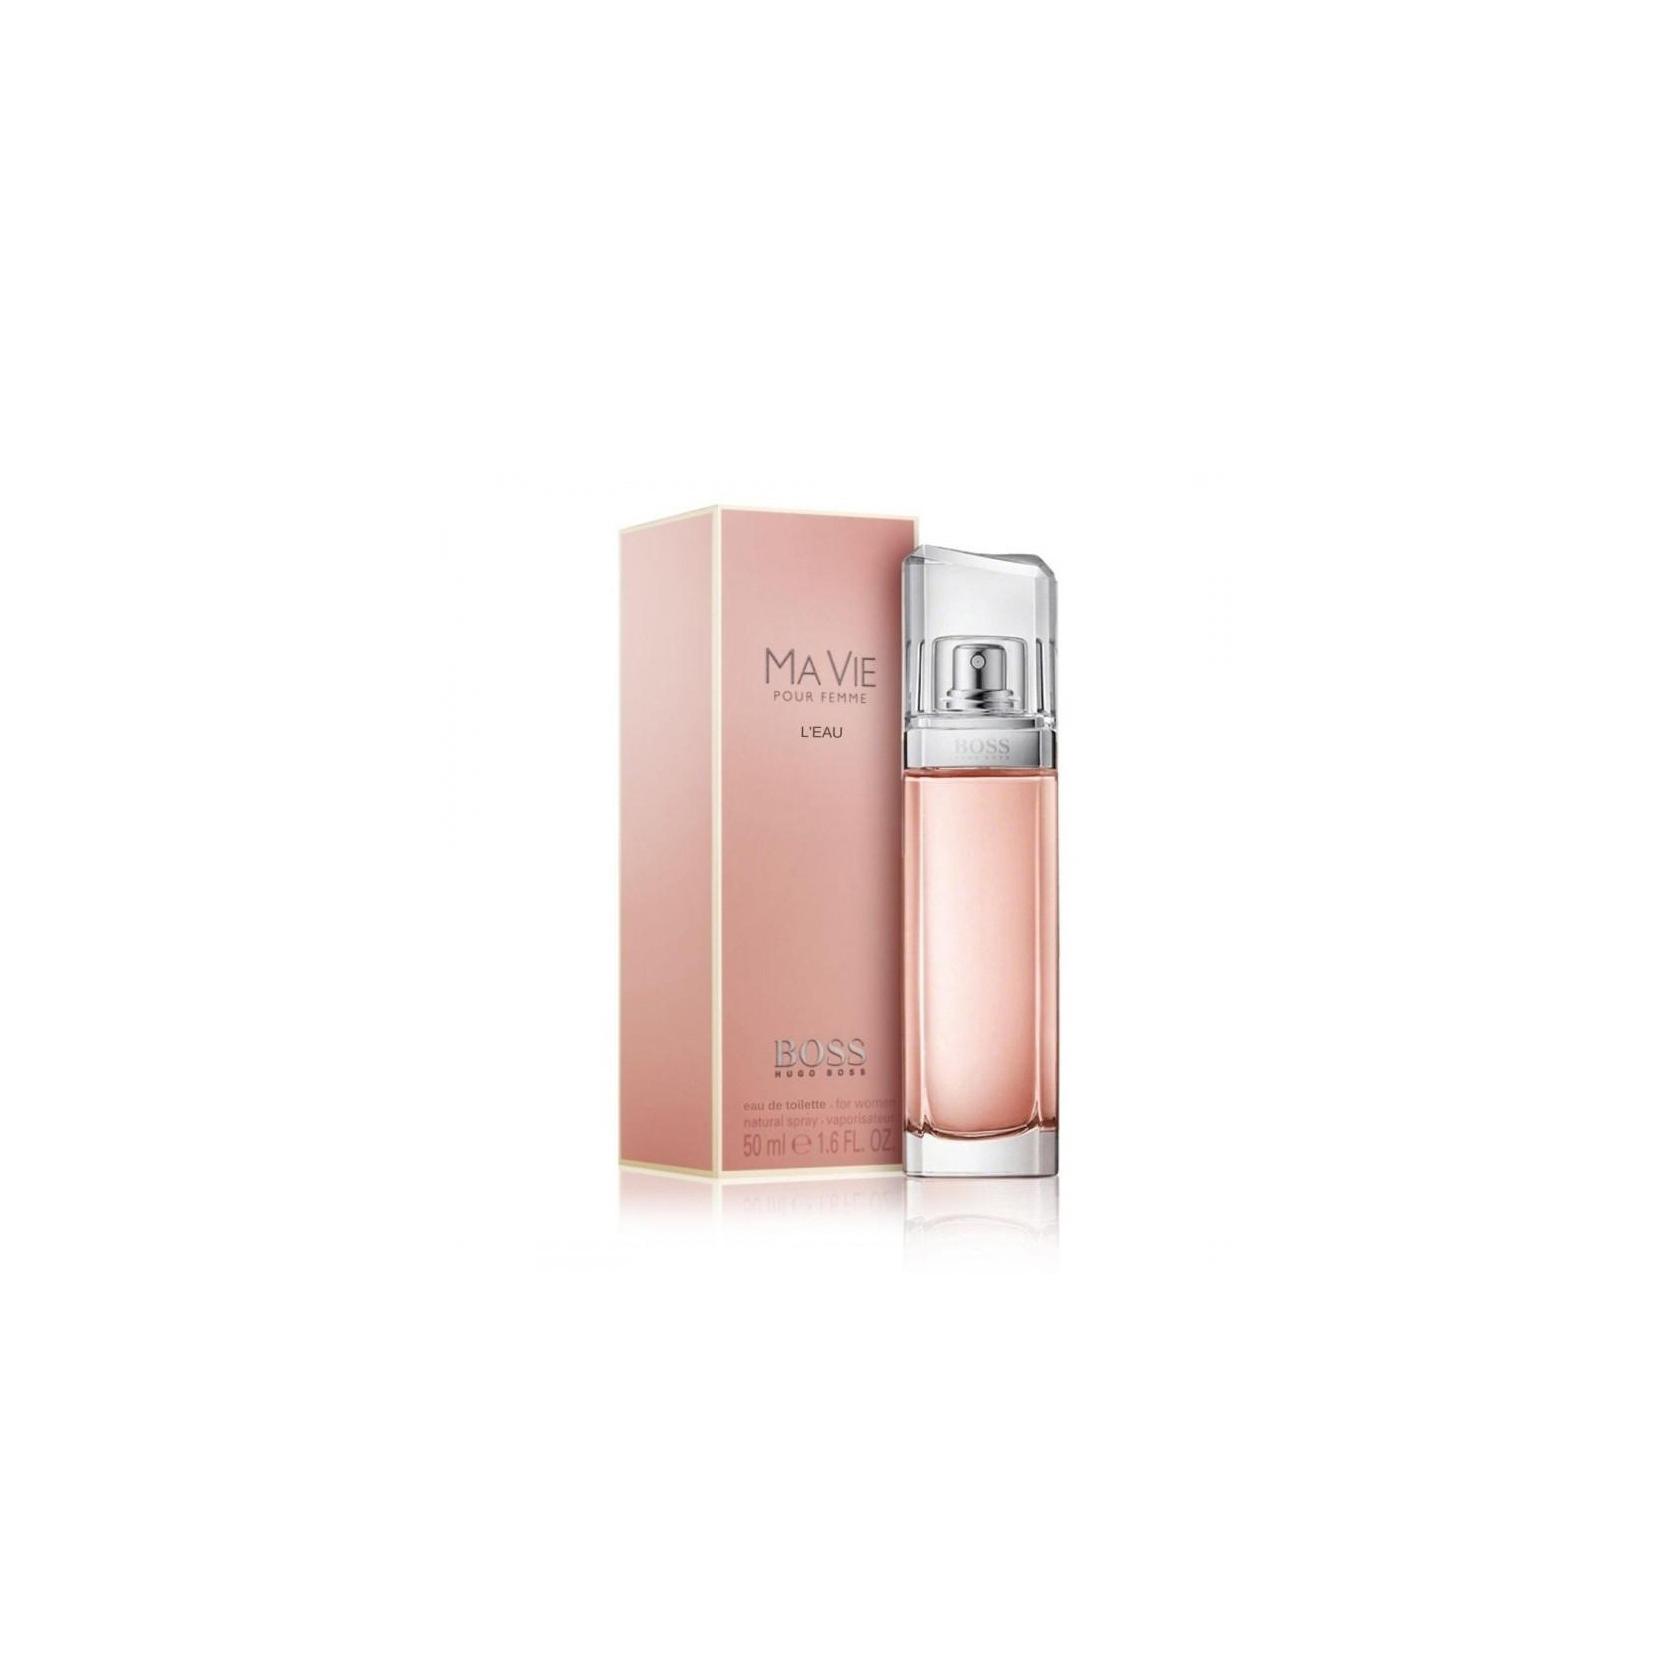 Hugo boss mavie pour femme eau de parfum 50ml vaporizador